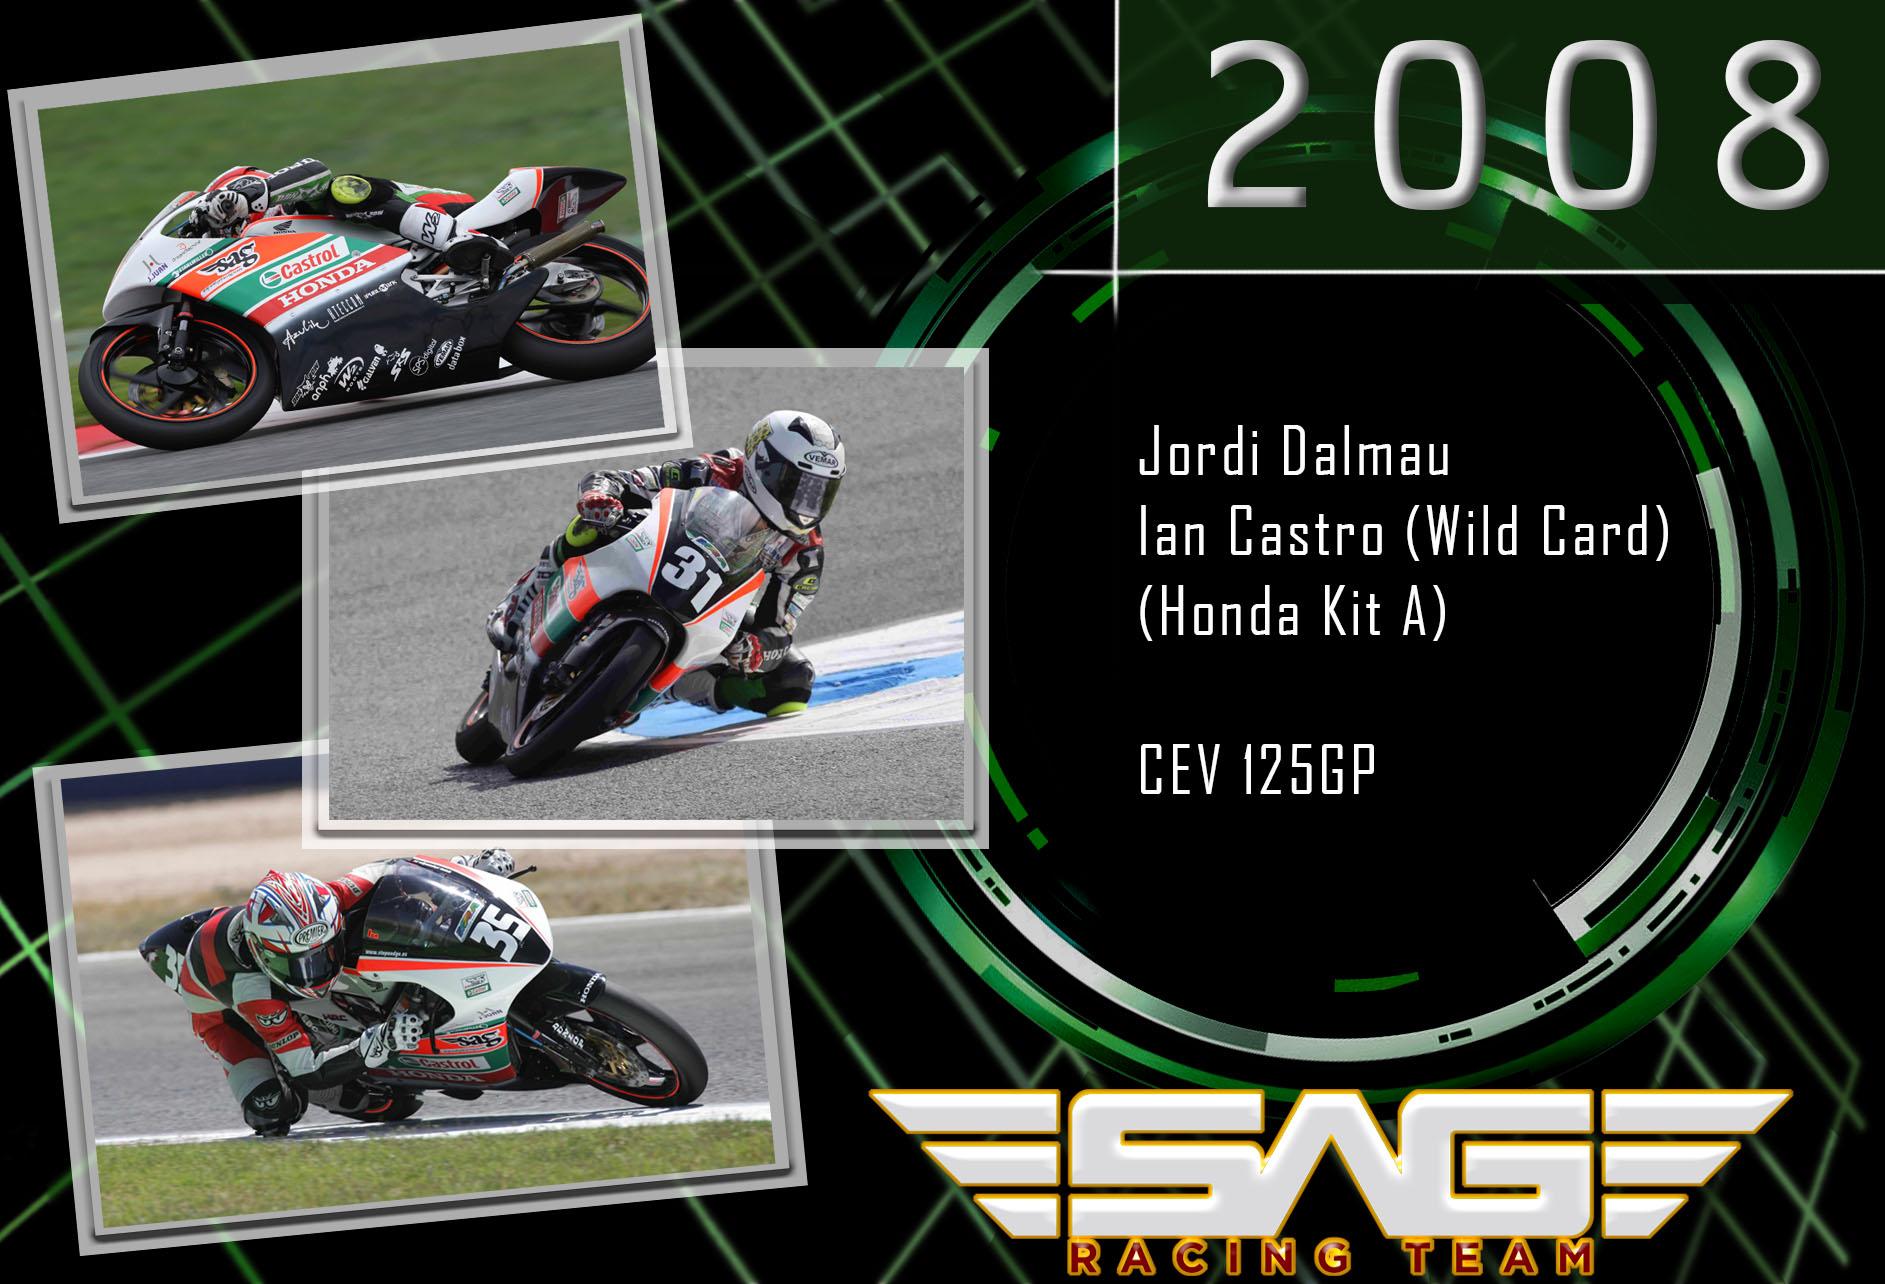 CEV riders Jordi Dalmau & Ian Castro (125GP)